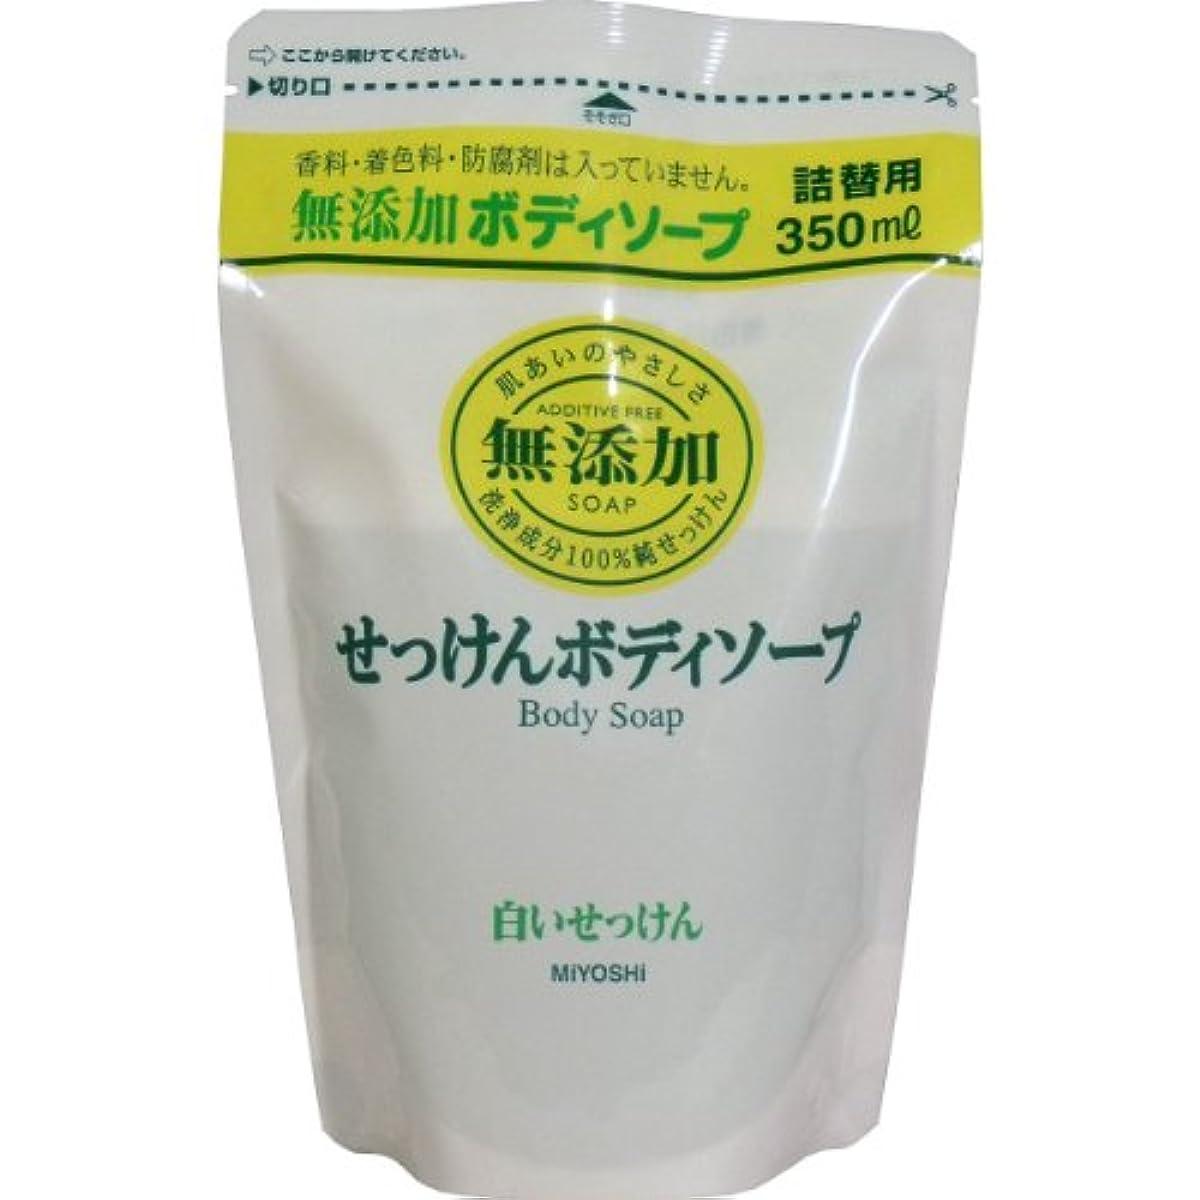 無駄パリティ構築するミヨシ石鹸 無添加 ボディソープ 白い石けん つめかえ用 350ml×20個セット(無添加石鹸)